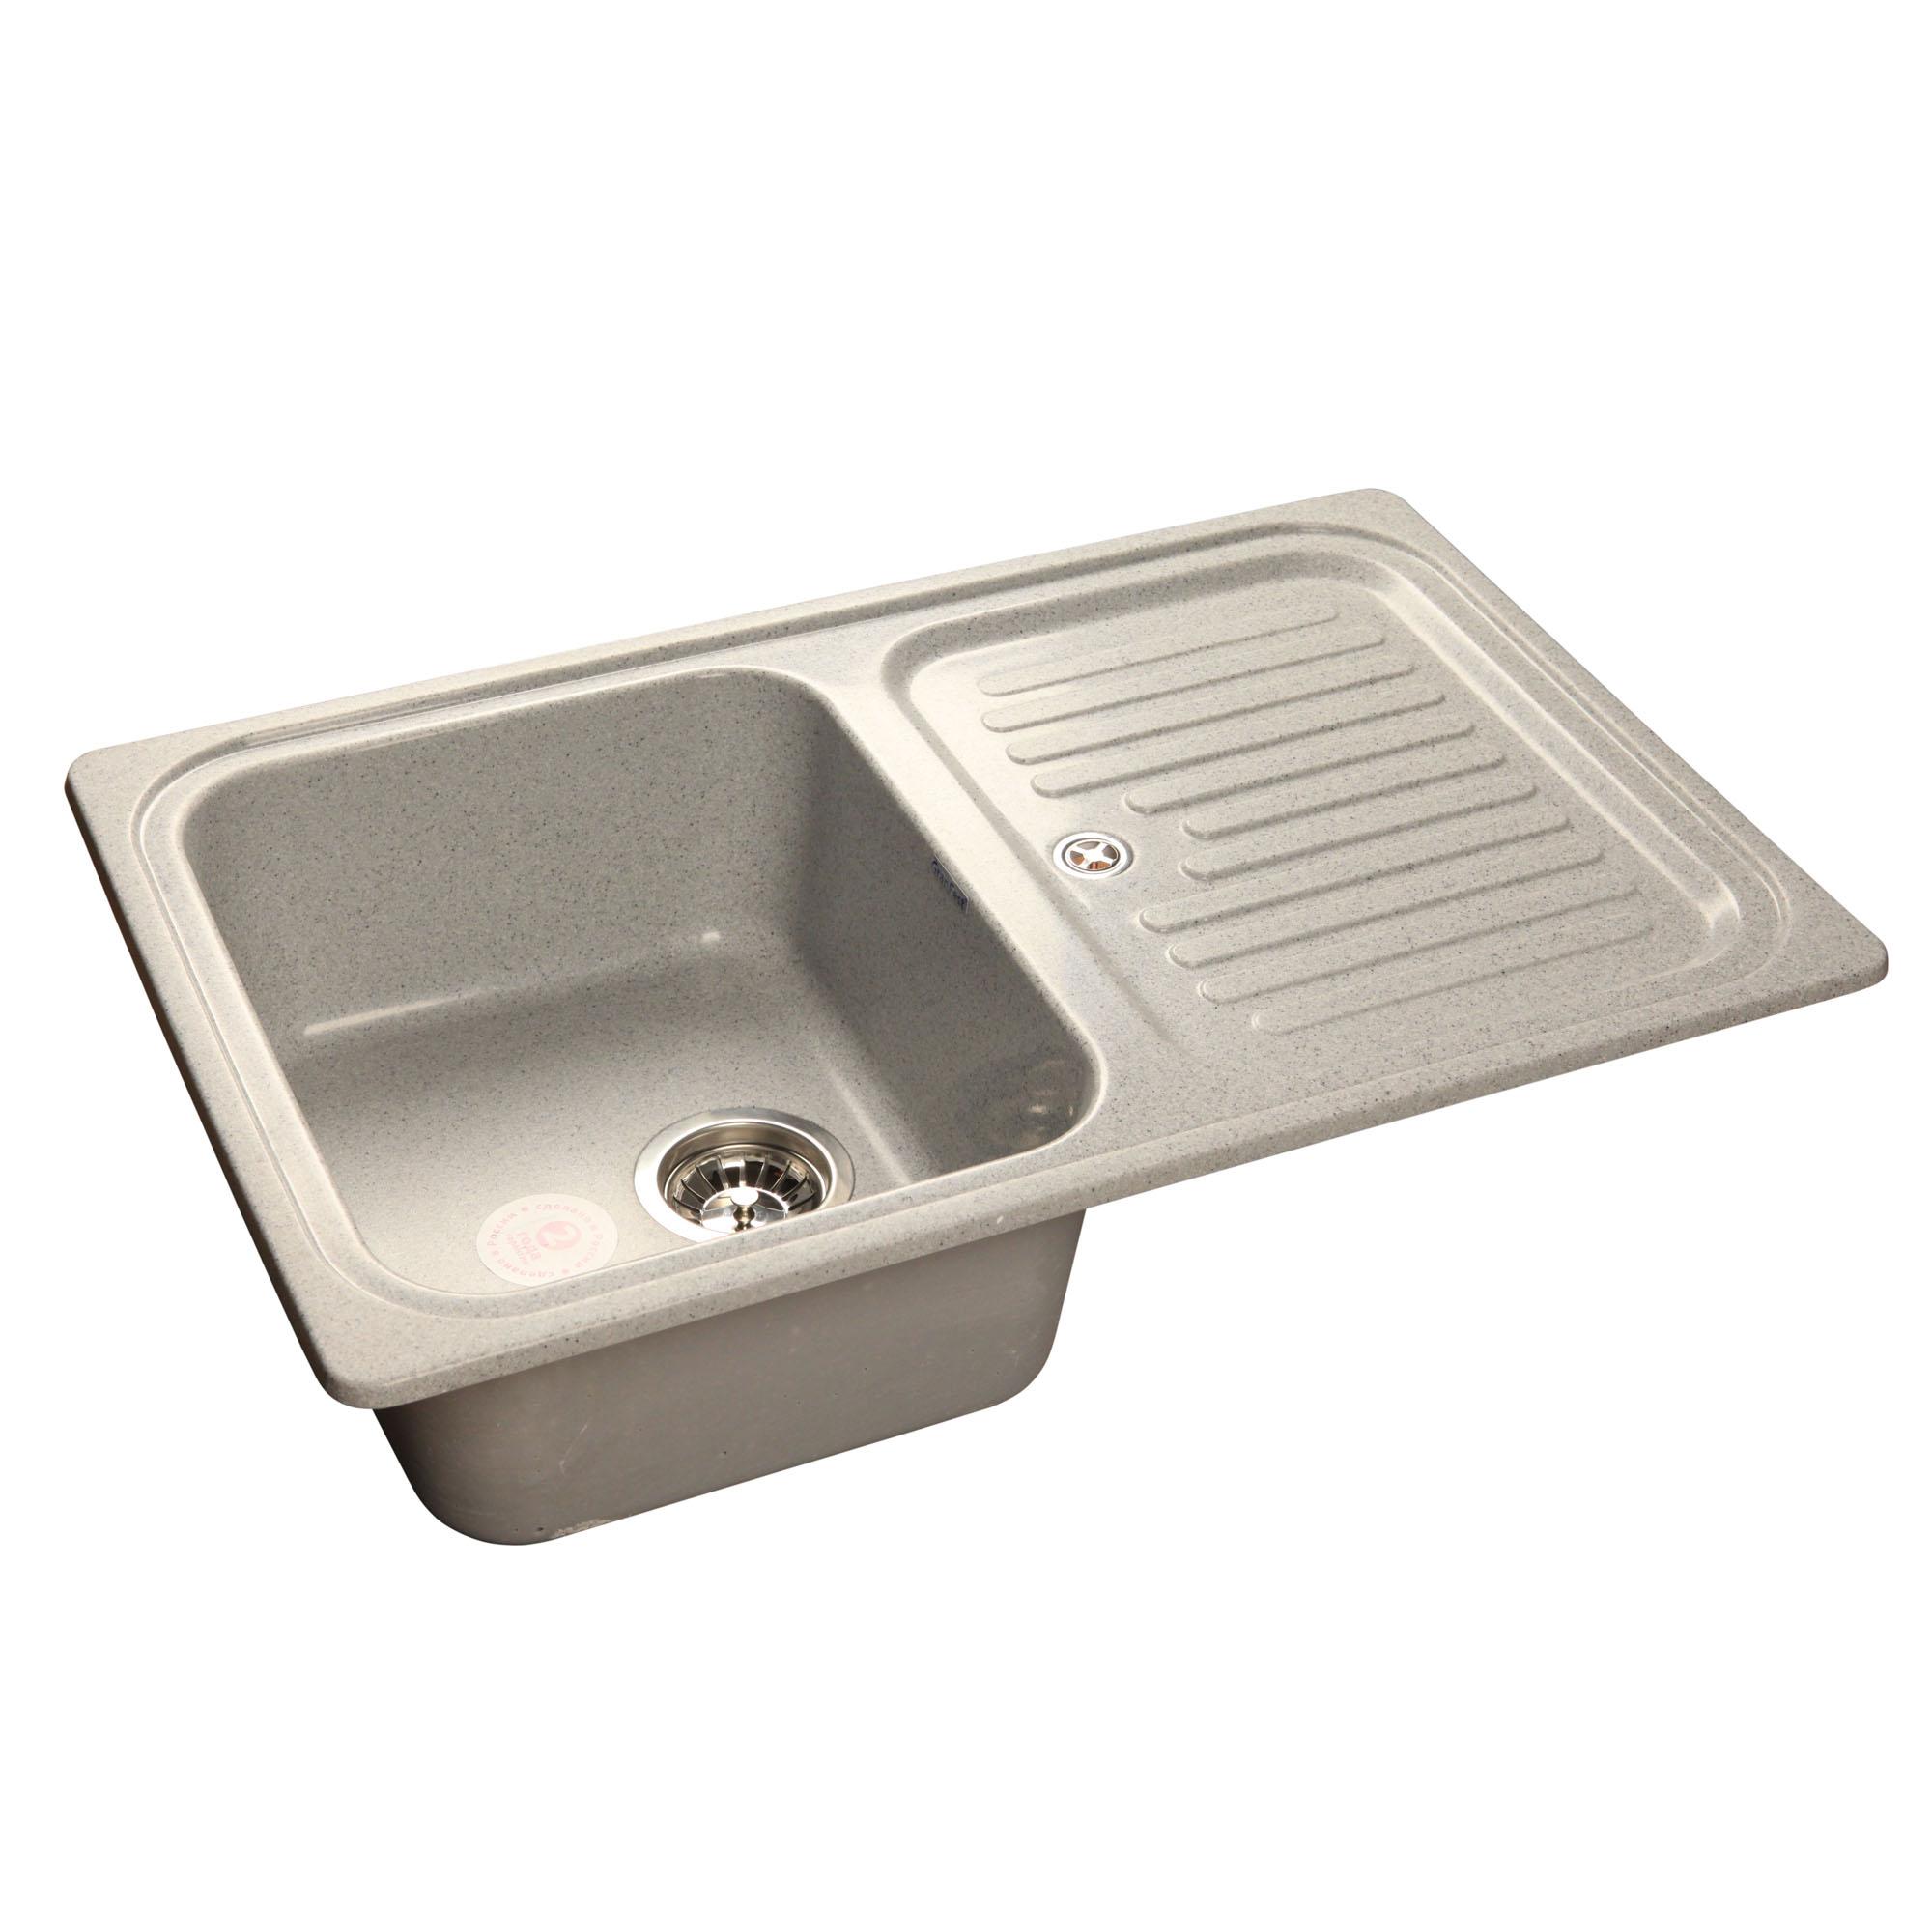 Кухонная мойка GranFest Standart GF-S780L серый мойка кухонная granfest gf s780l песок чаша крыло